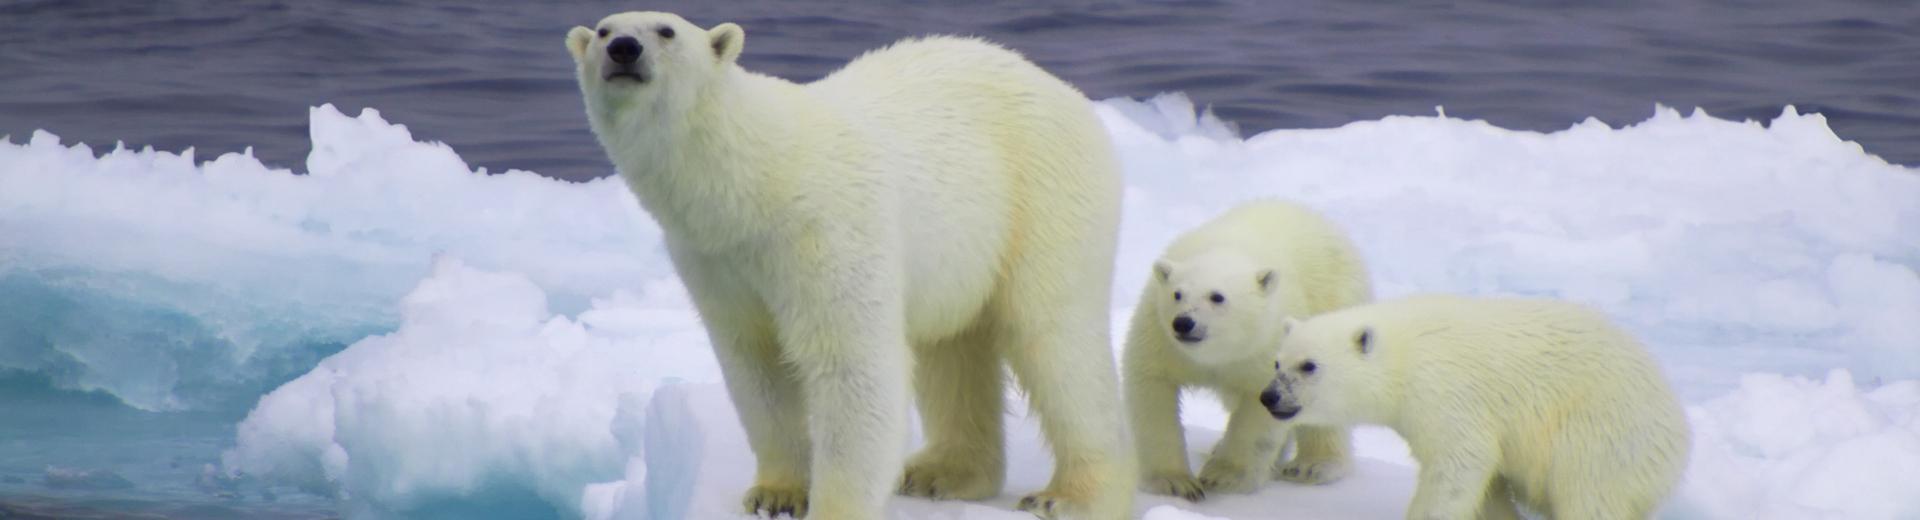 Polar bear feature